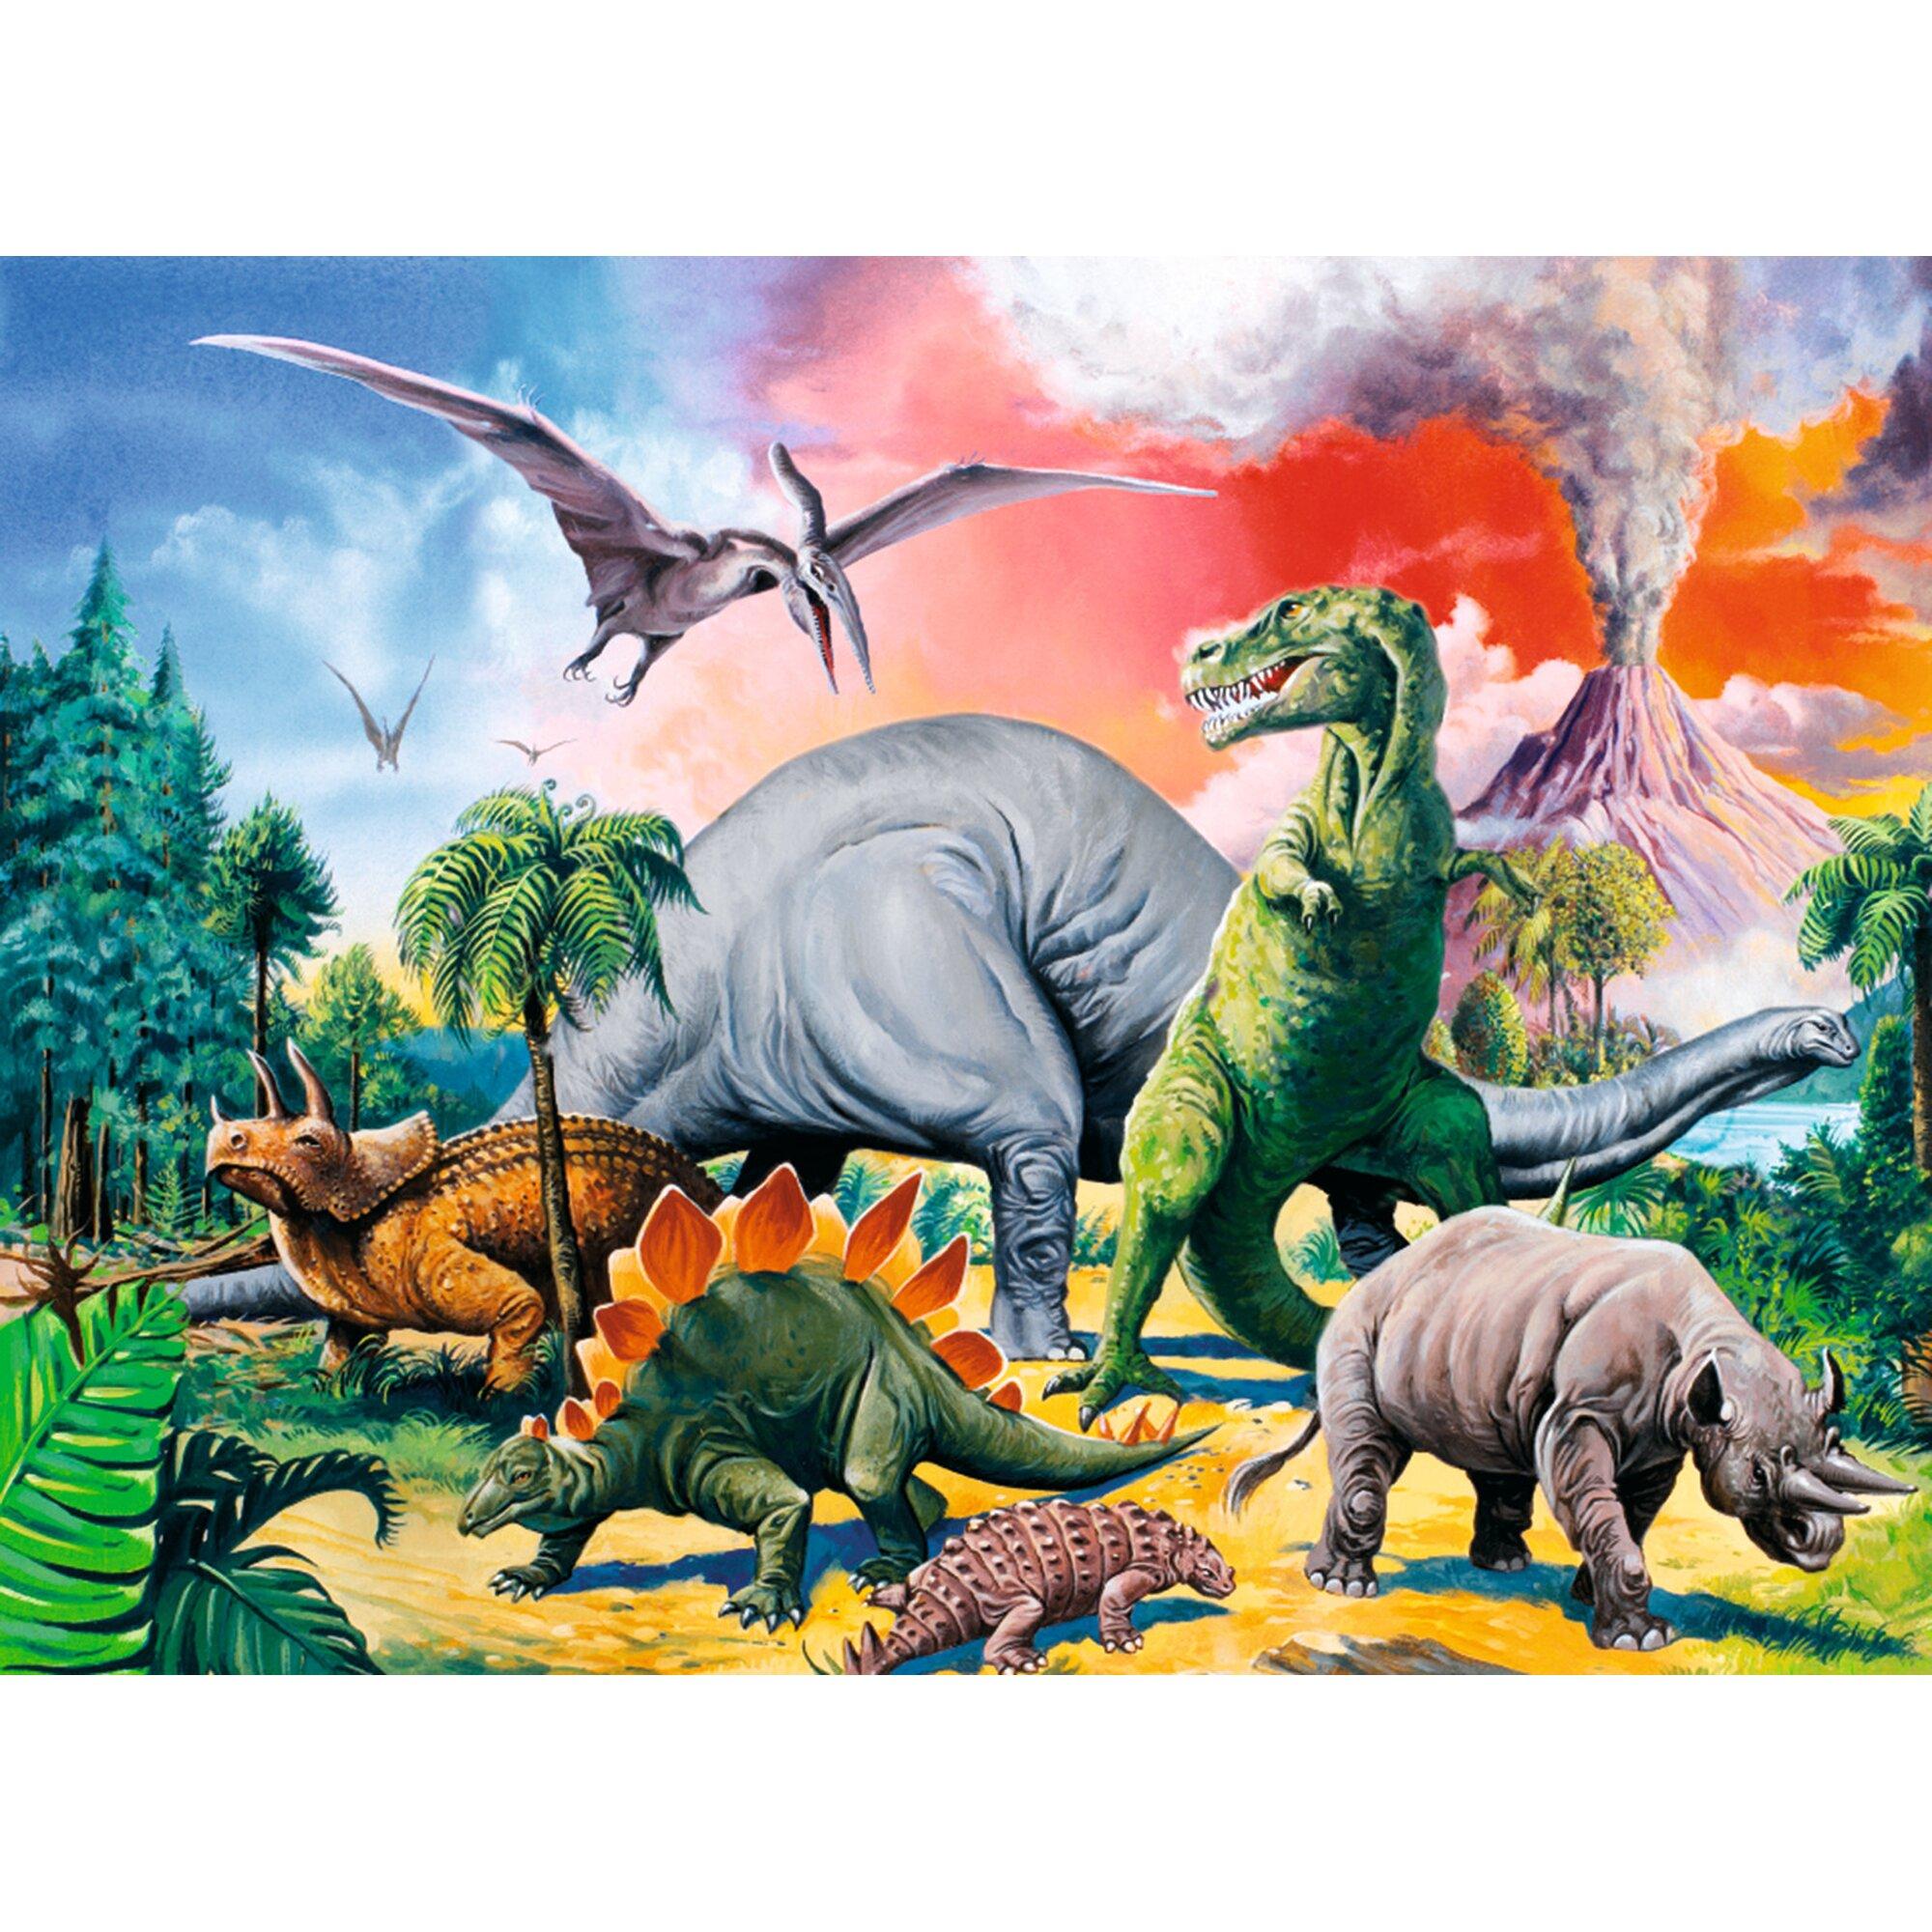 ravensburger-kinderpuzzle-im-xxl-format-100-teile-unter-dinosauriern